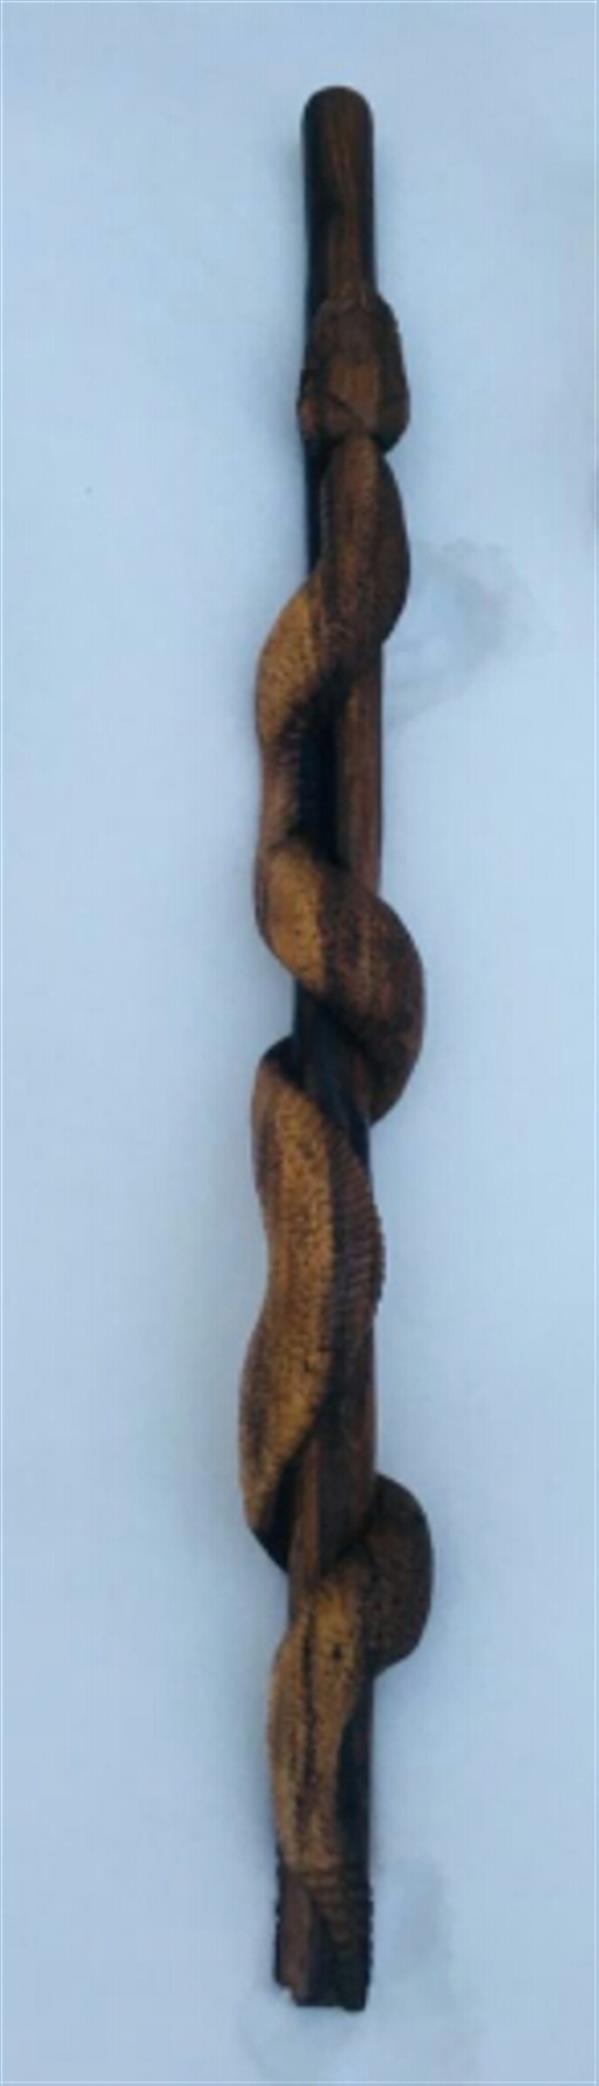 هنر سایر محفل سایر هنر ها محمد امام داد #چوب گردو#پیکرتراشی عصا نقش مار زنگی.ارتفاع 102cm